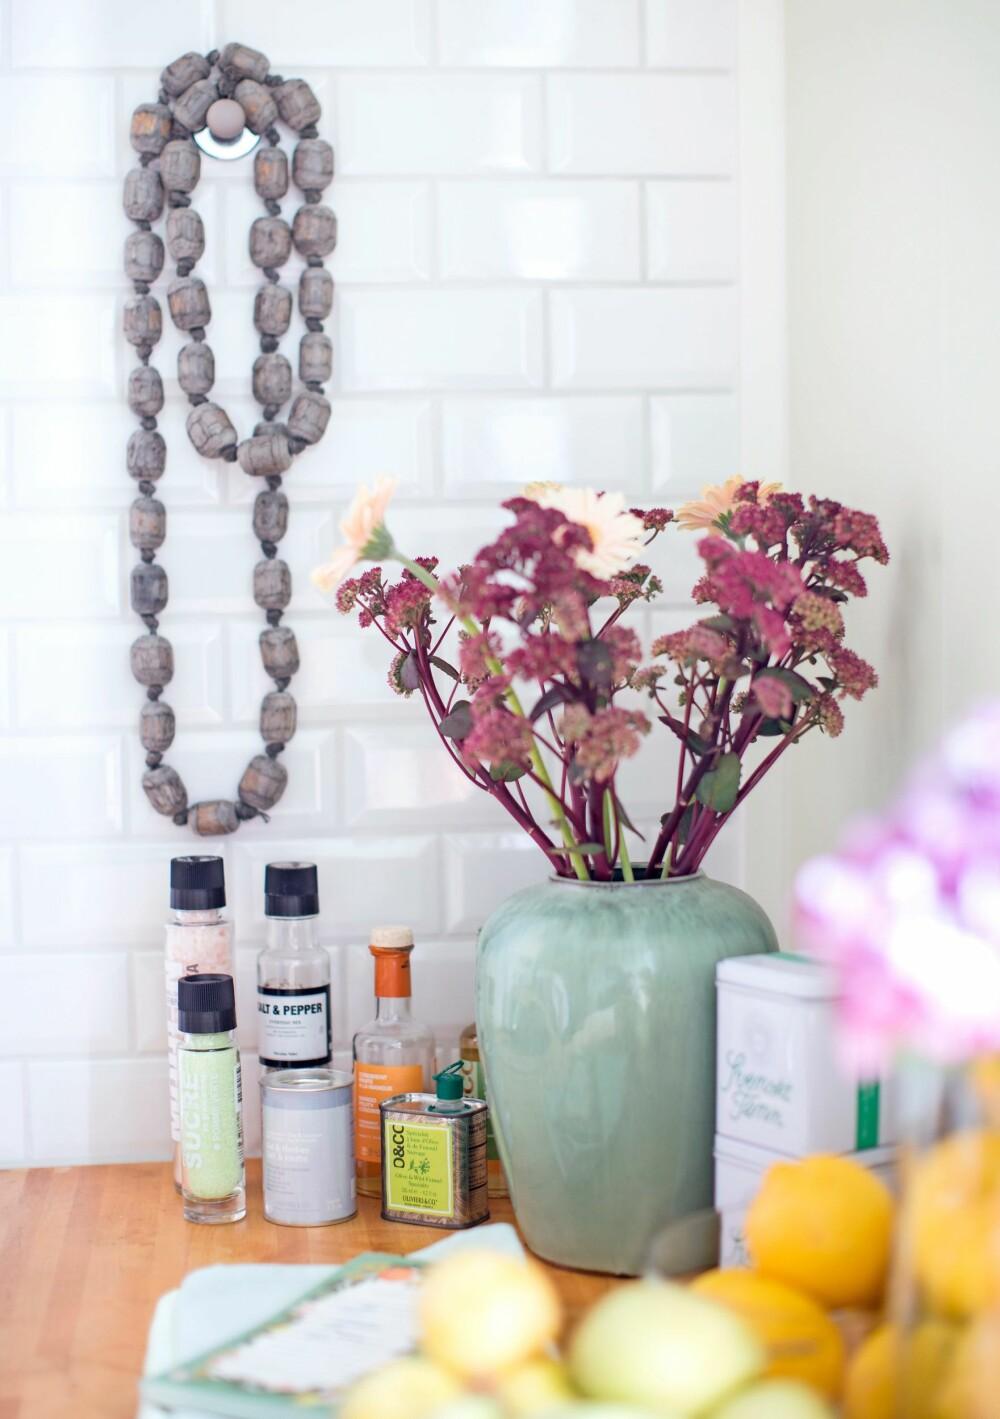 DETALJER: Krydder og oljer fra Nicolas Vahé og Olivier & Co som er så fine at de får stå fremme på  kjøkkenbenken. Et smykke pynter opp på veggen.